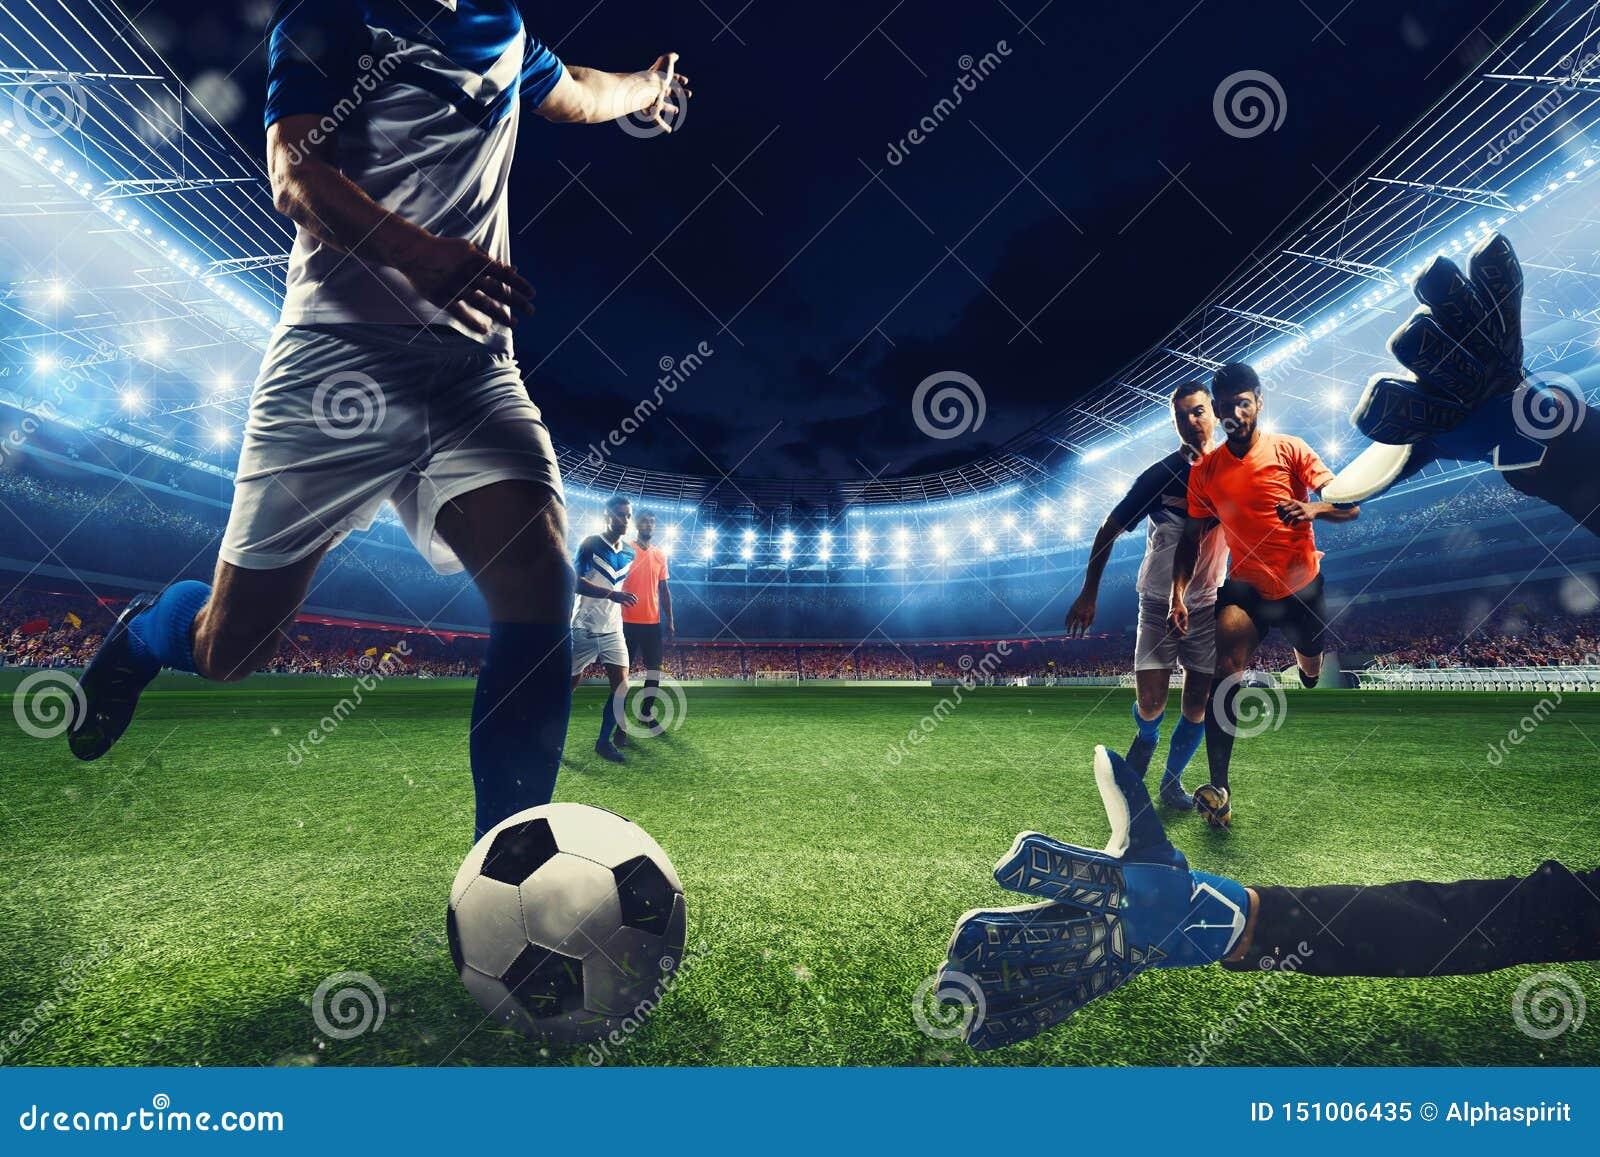 Сцена футбола с состязаясь футболистами на стадионе